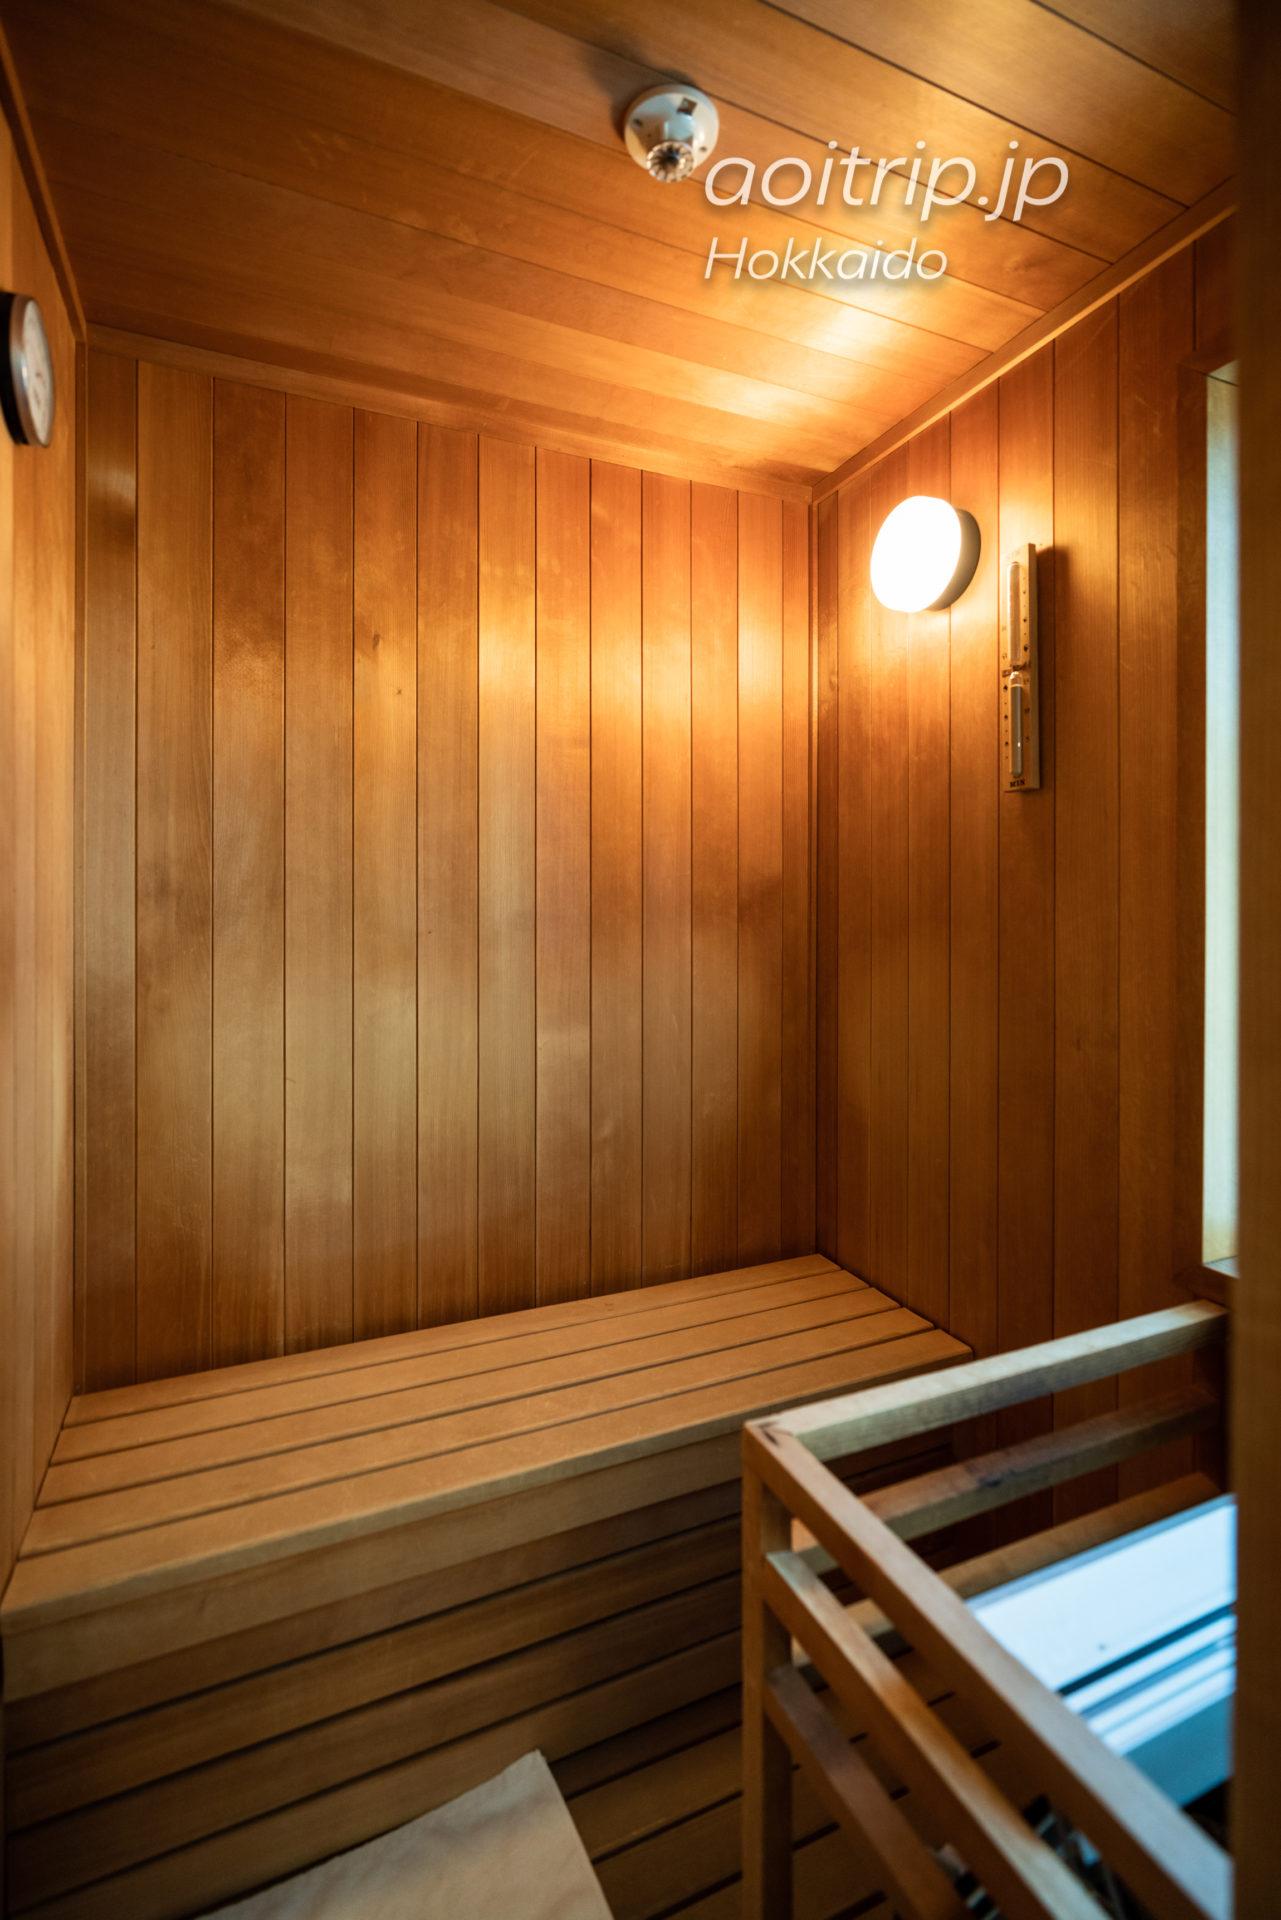 星野リゾート リゾナーレトマム 宿泊記|Hoshino Risonare Tomamu スイートツインルームのプライベートサウナ